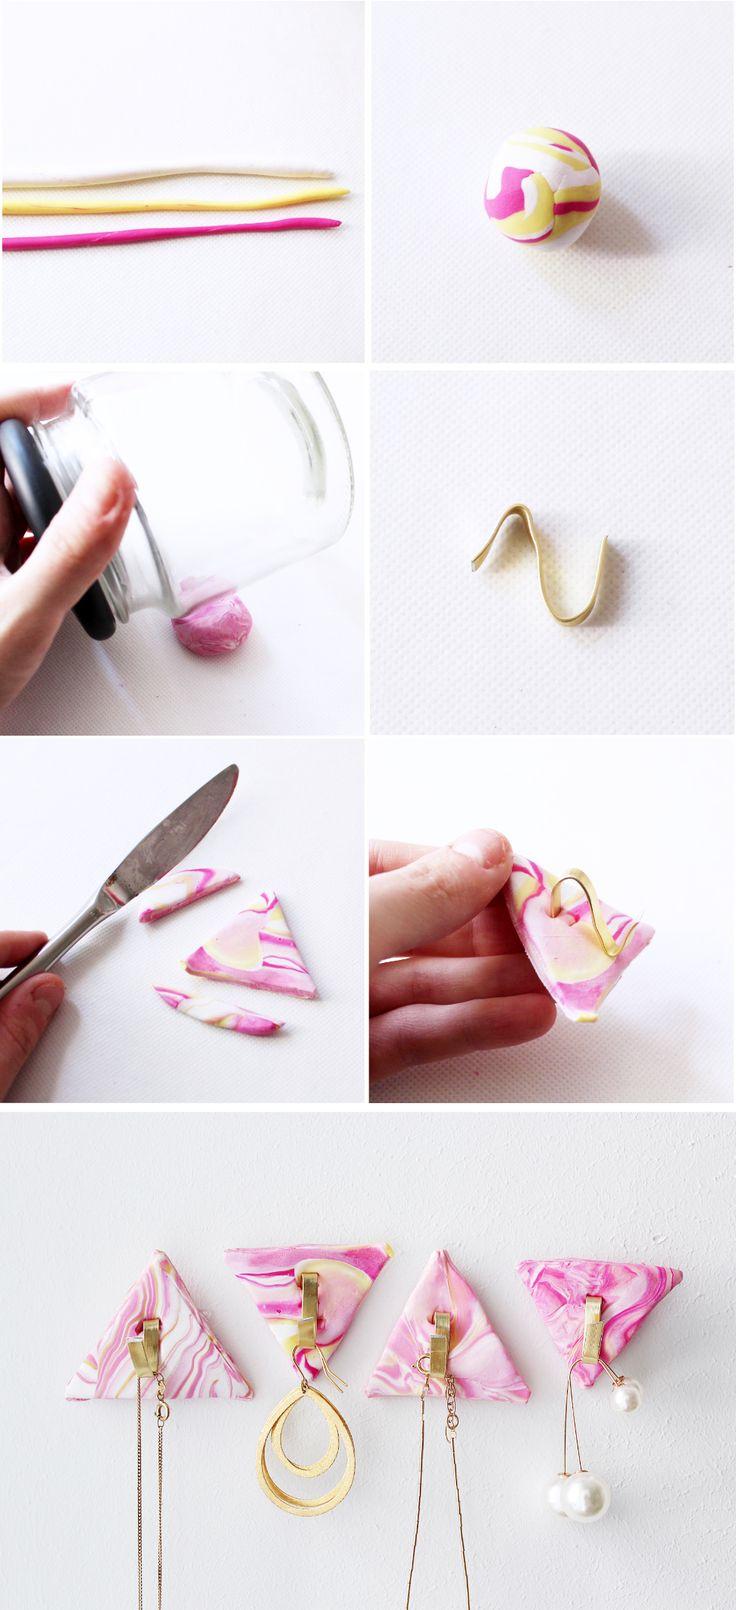 DIY Schmuckständer im Marmorlook Selber Machen - Madmoisell DIY Blog über Deko, Mode und Wohnen